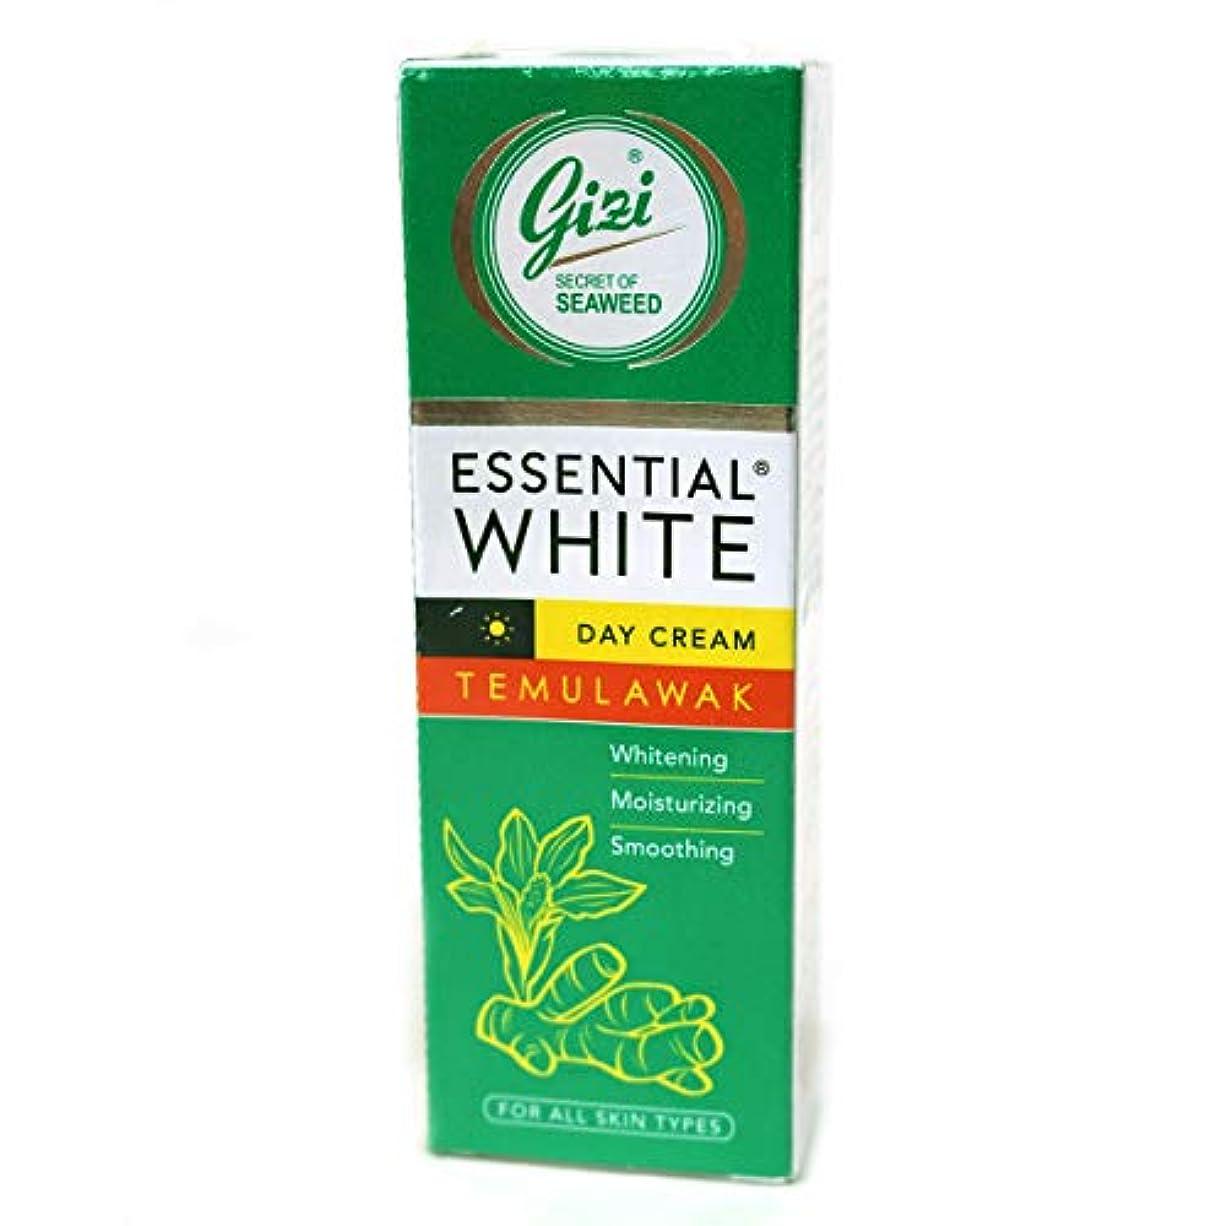 ふける反対に乱気流ギジ gizi Essential White 日中用スキンケアクリーム チューブタイプ 18g テムラワク ウコン など天然成分配合 [海外直送品]